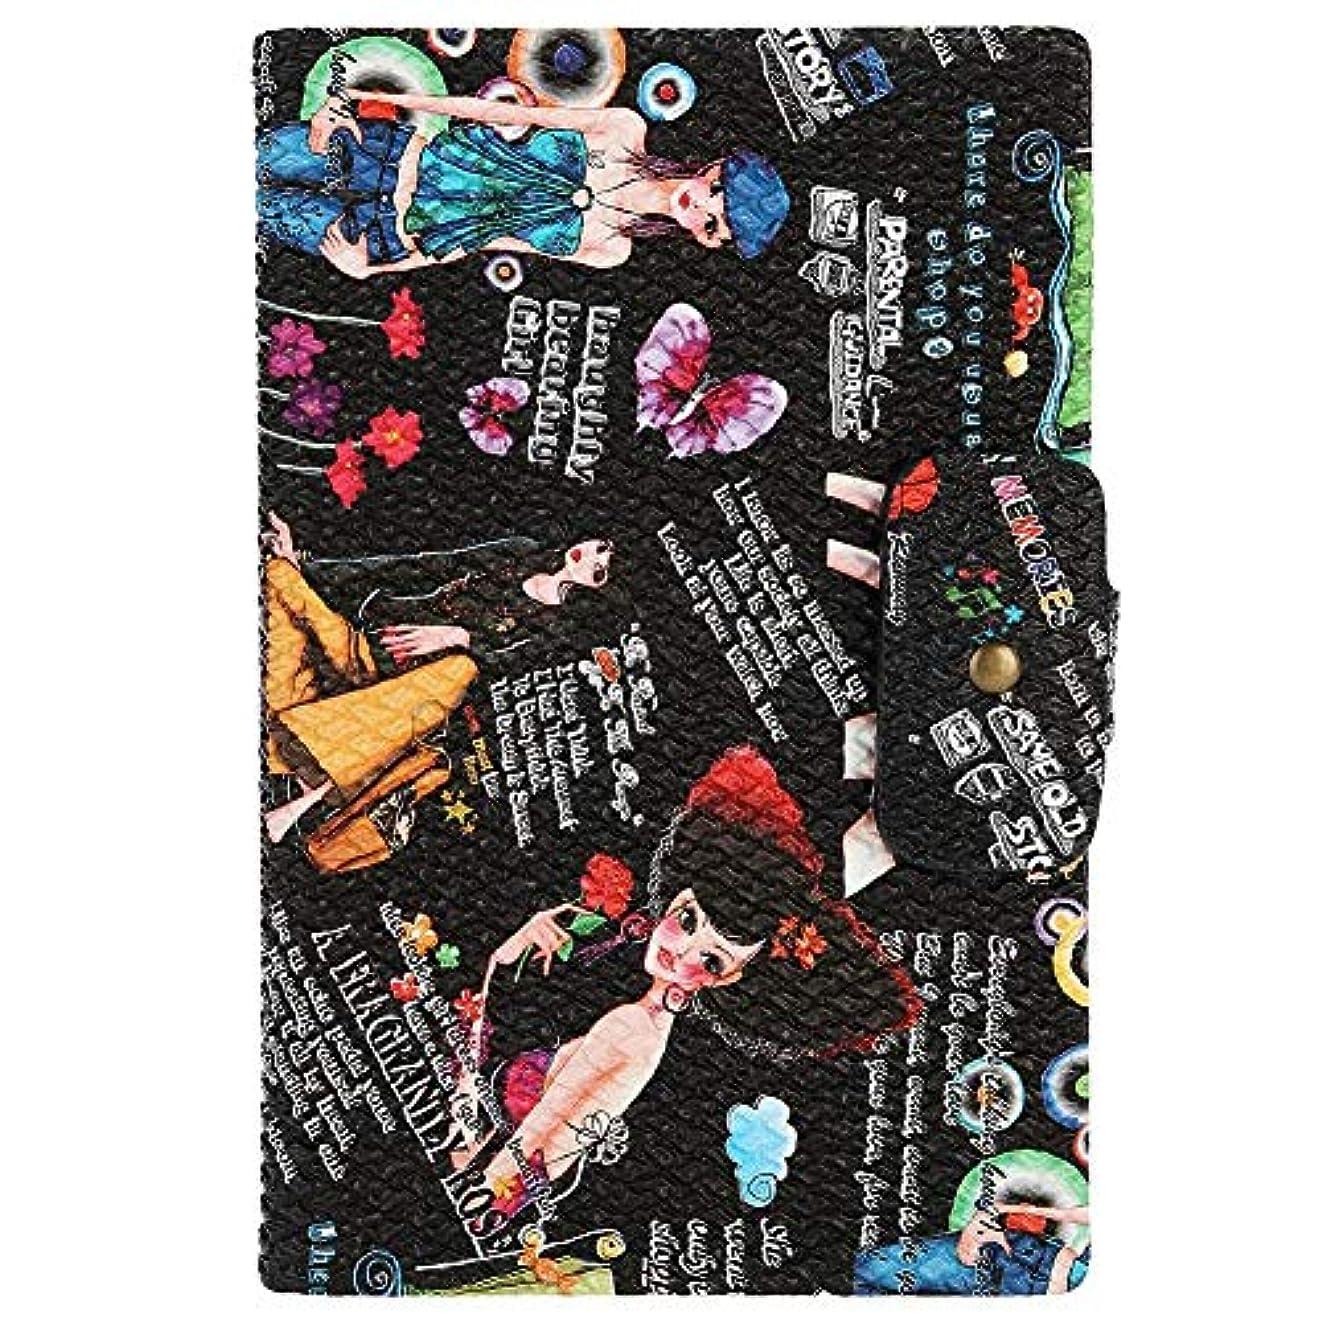 のど便利さ遠いネイルアートディスプレイ カード マニキュア ディスプレイボード UVジェルディスプレイカードマニキュア練習ツール(02)